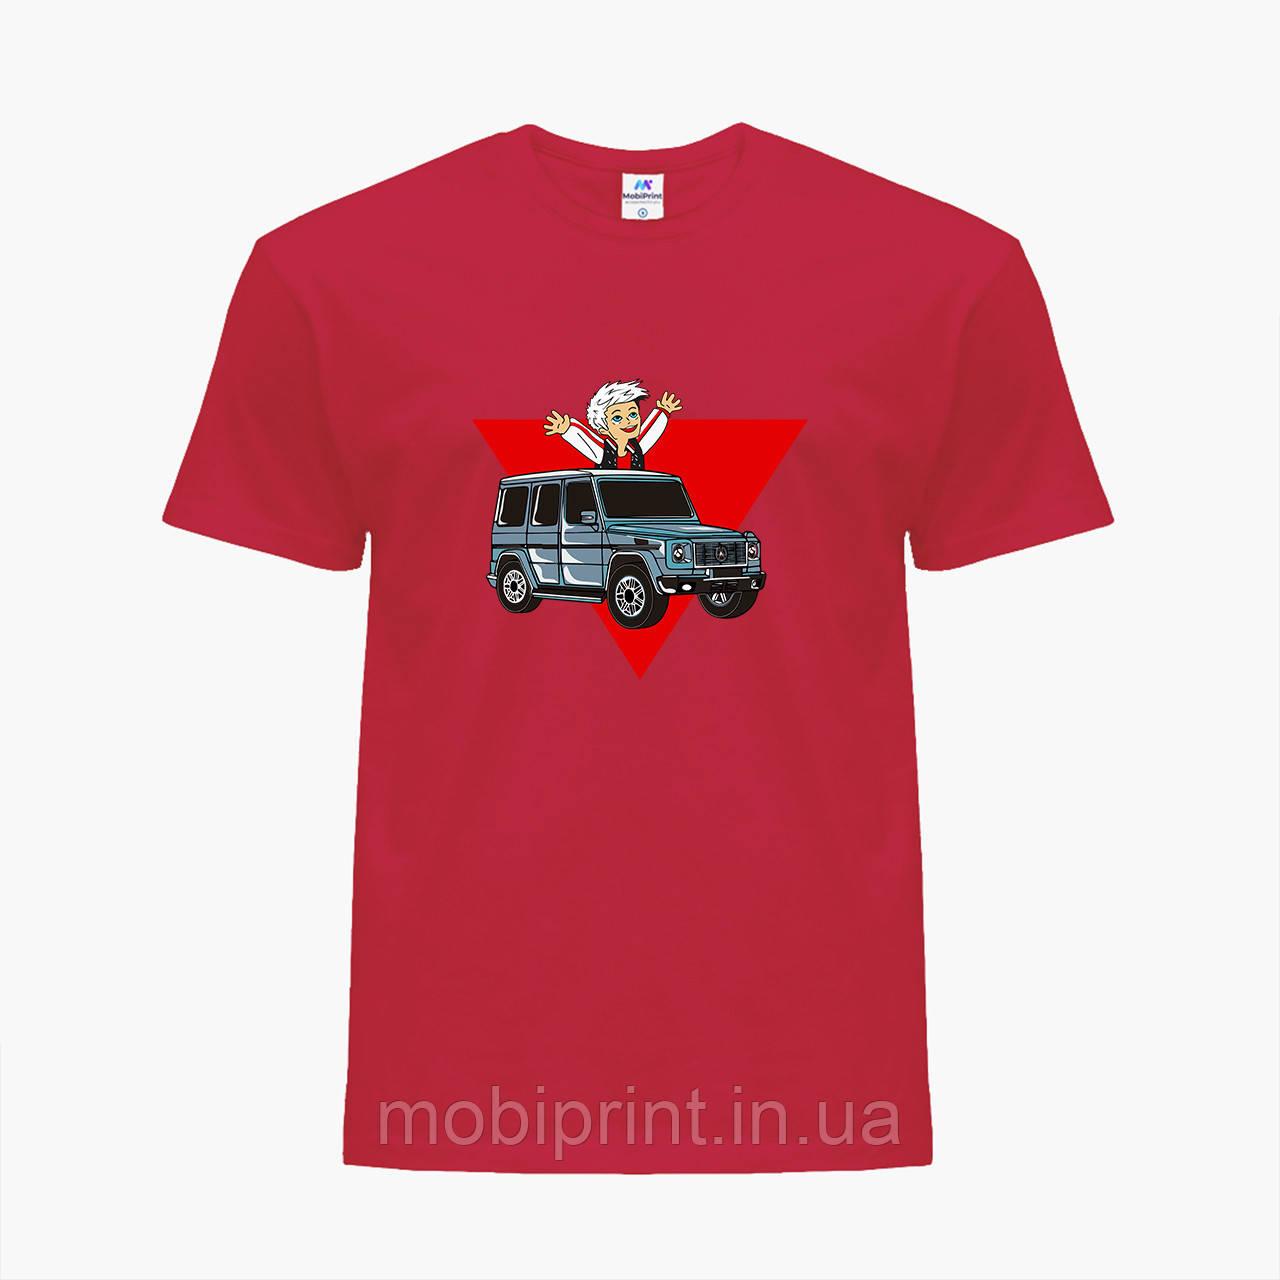 Дитяча футболка для хлопчиків блогер Влад Папір А4 (blogger Vlad A4) (25186-2618) Червоний